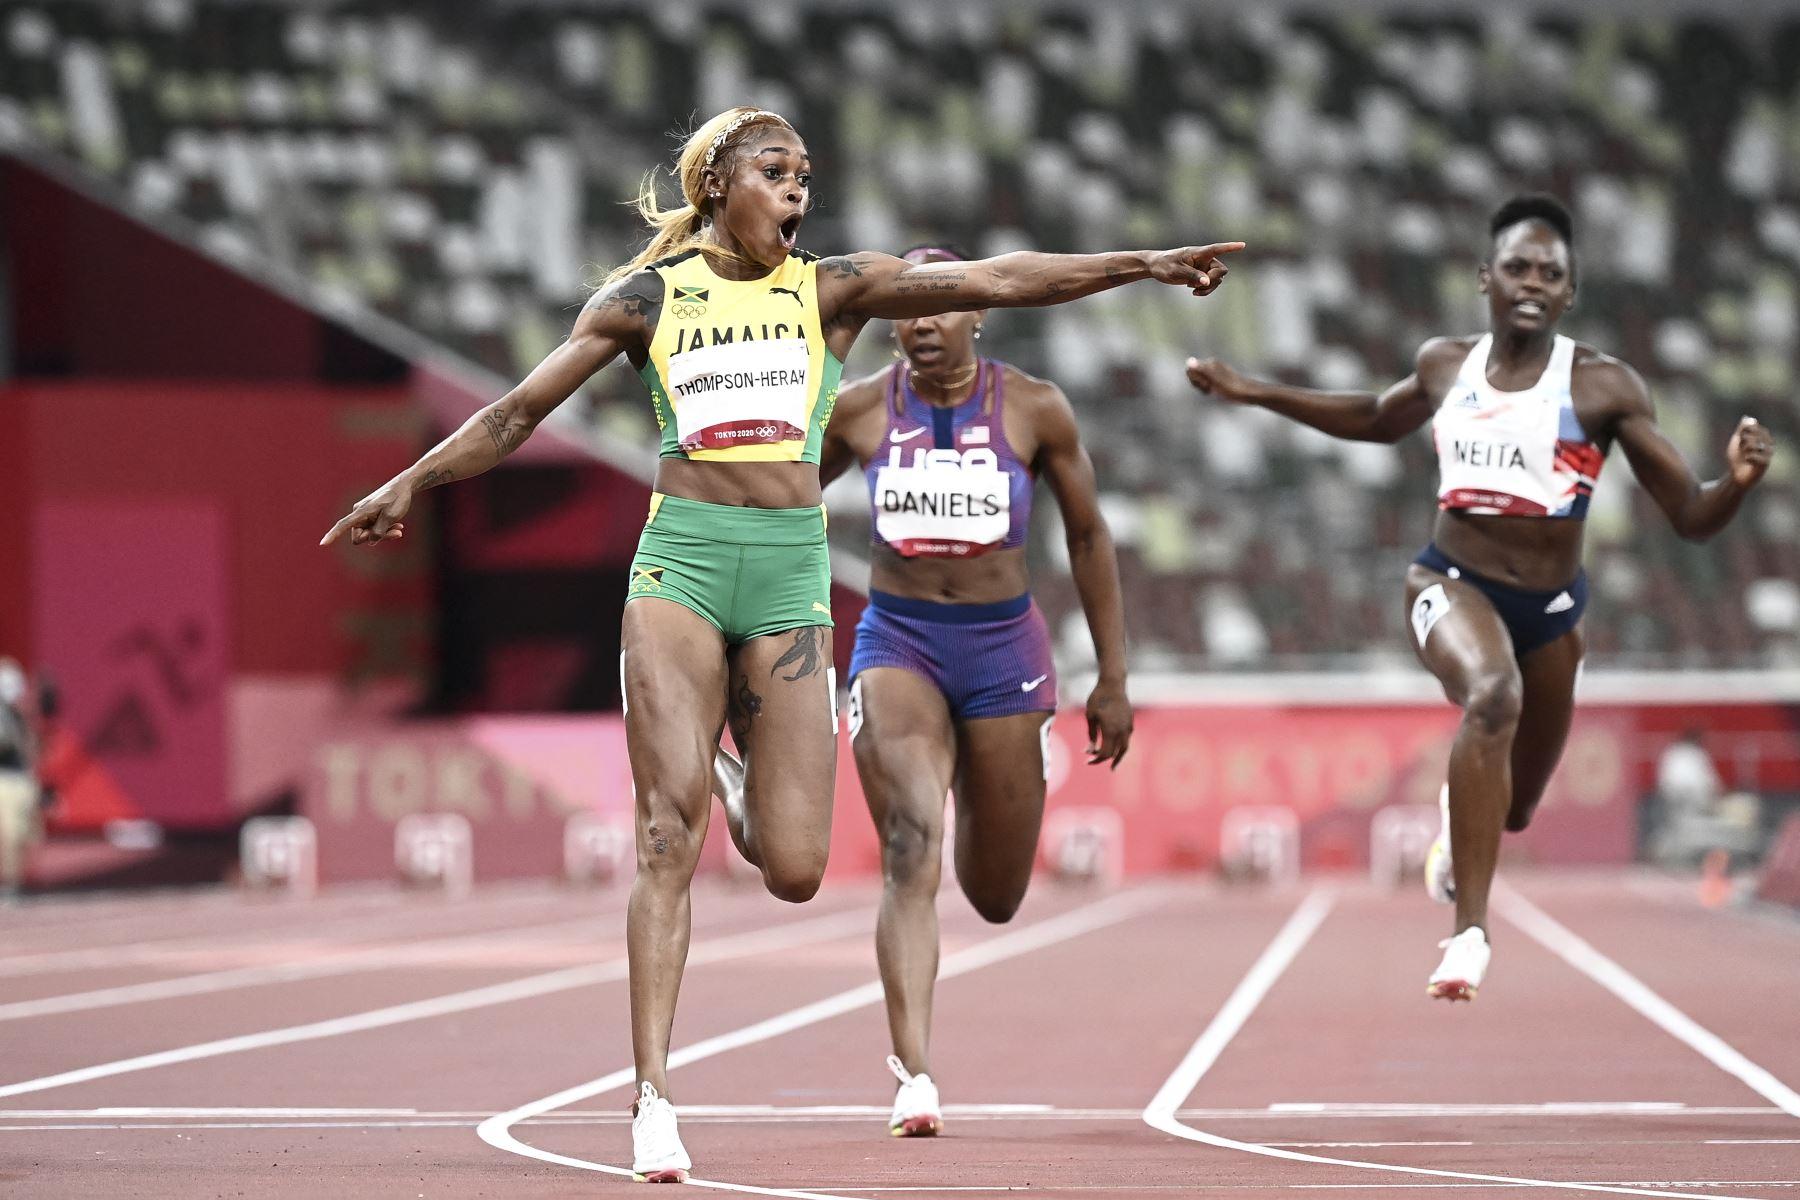 Elaine Thompson-Herah de Jamaica cruza la línea y gana la final femenina de 100 metros durante los Juegos Olímpicos de Tokio 2020, en el Estadio Olímpico de Tokio. Foto: AFP